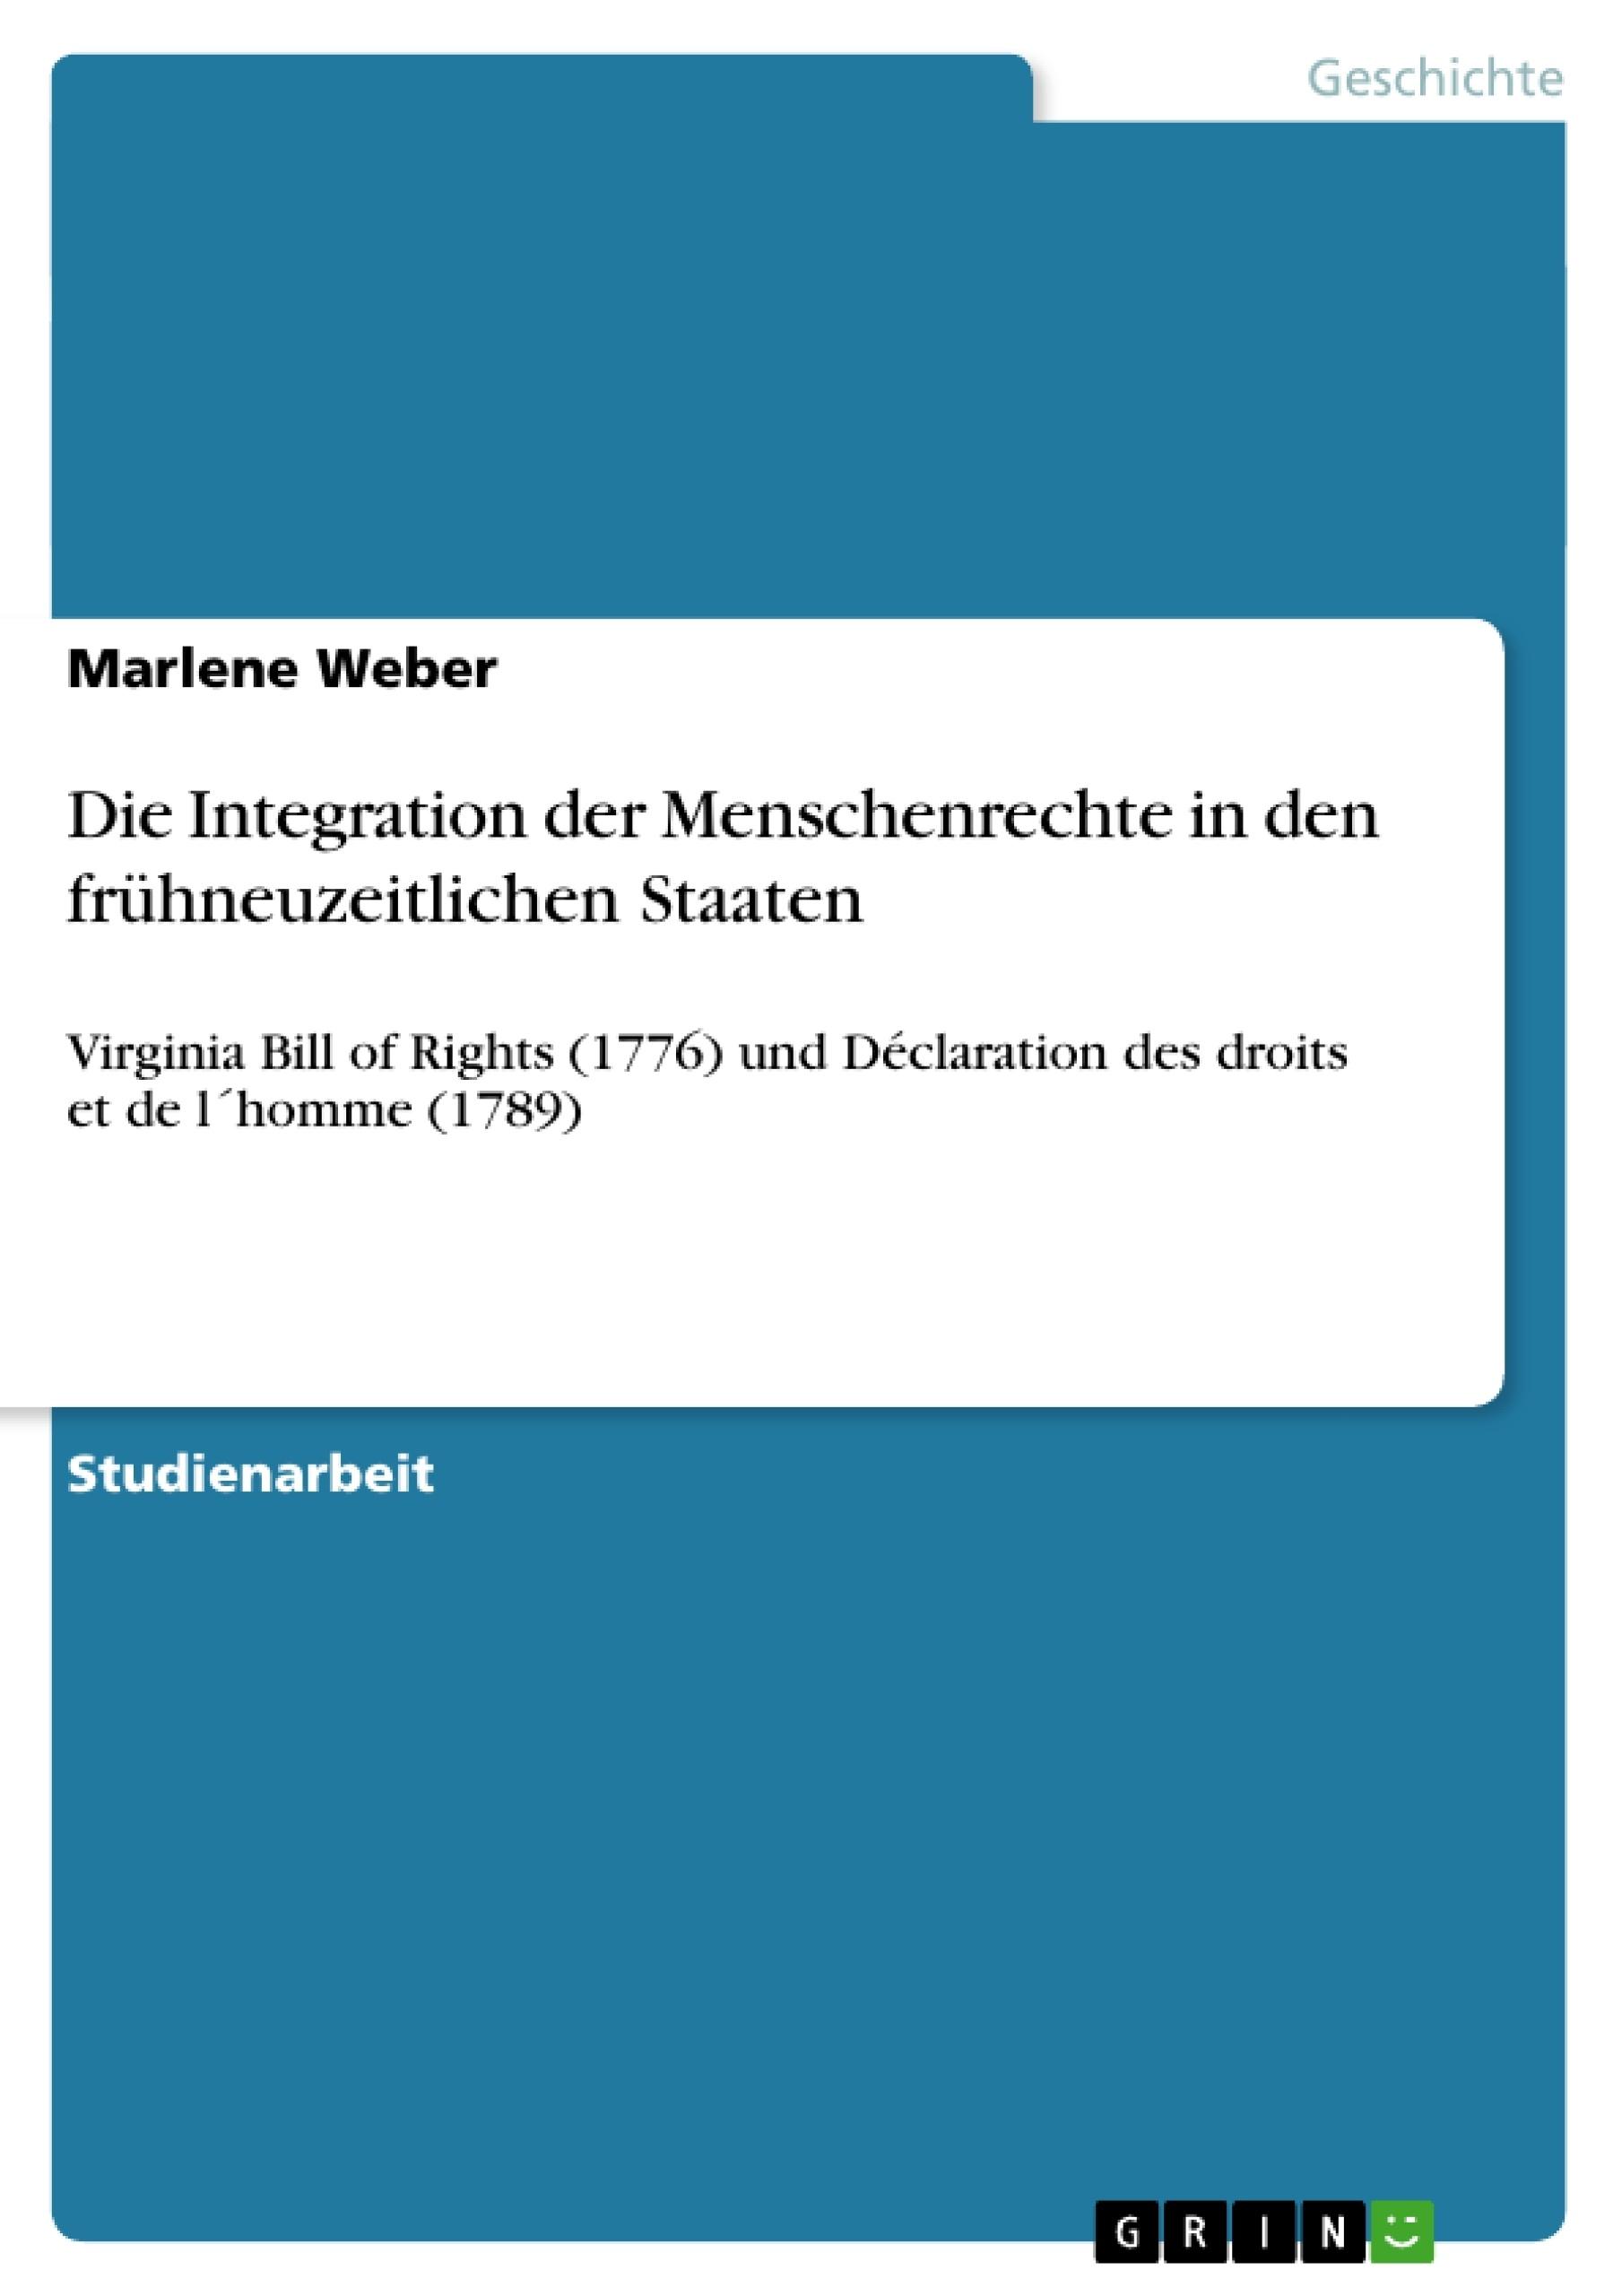 Titel: Die Integration der Menschenrechte in den frühneuzeitlichen Staaten